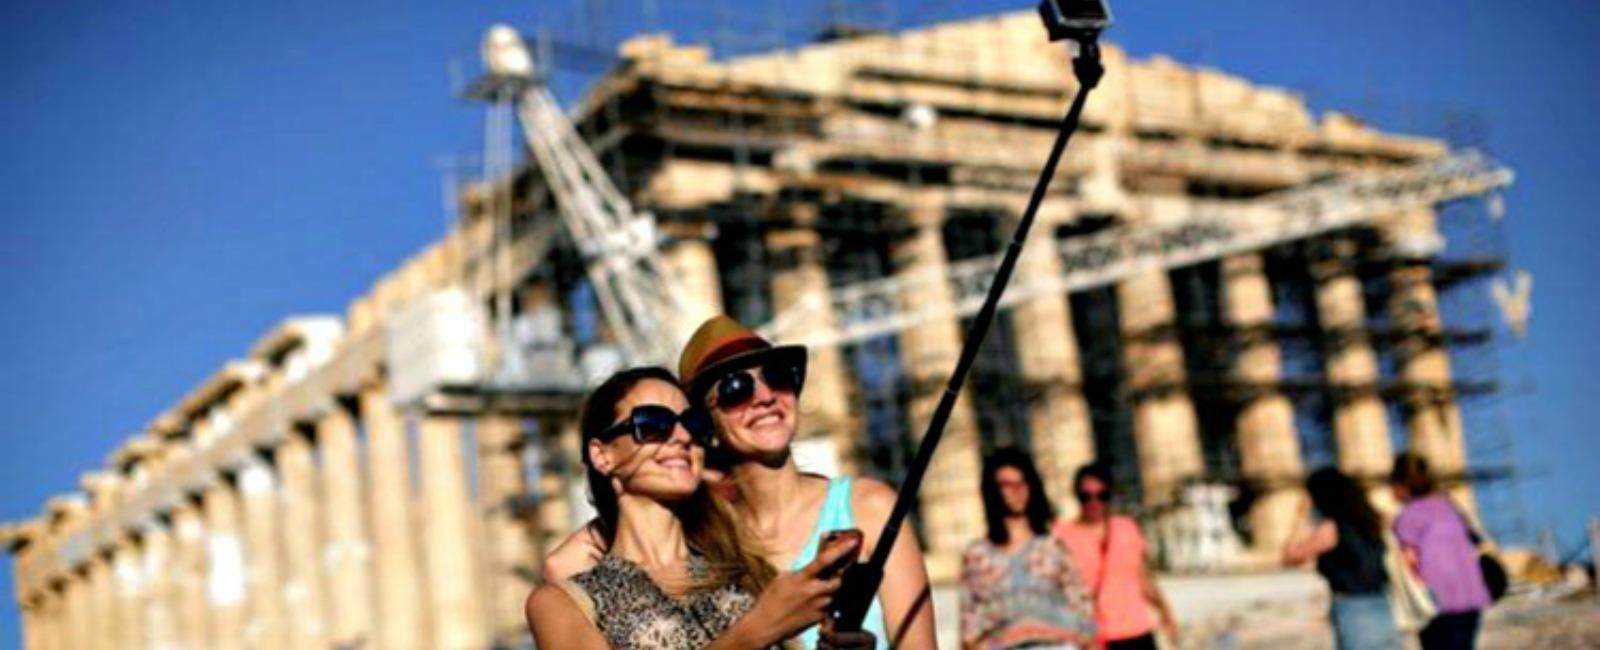 Grčka: Novi talas otkazivanja aranžmana pogodio turističku industriju